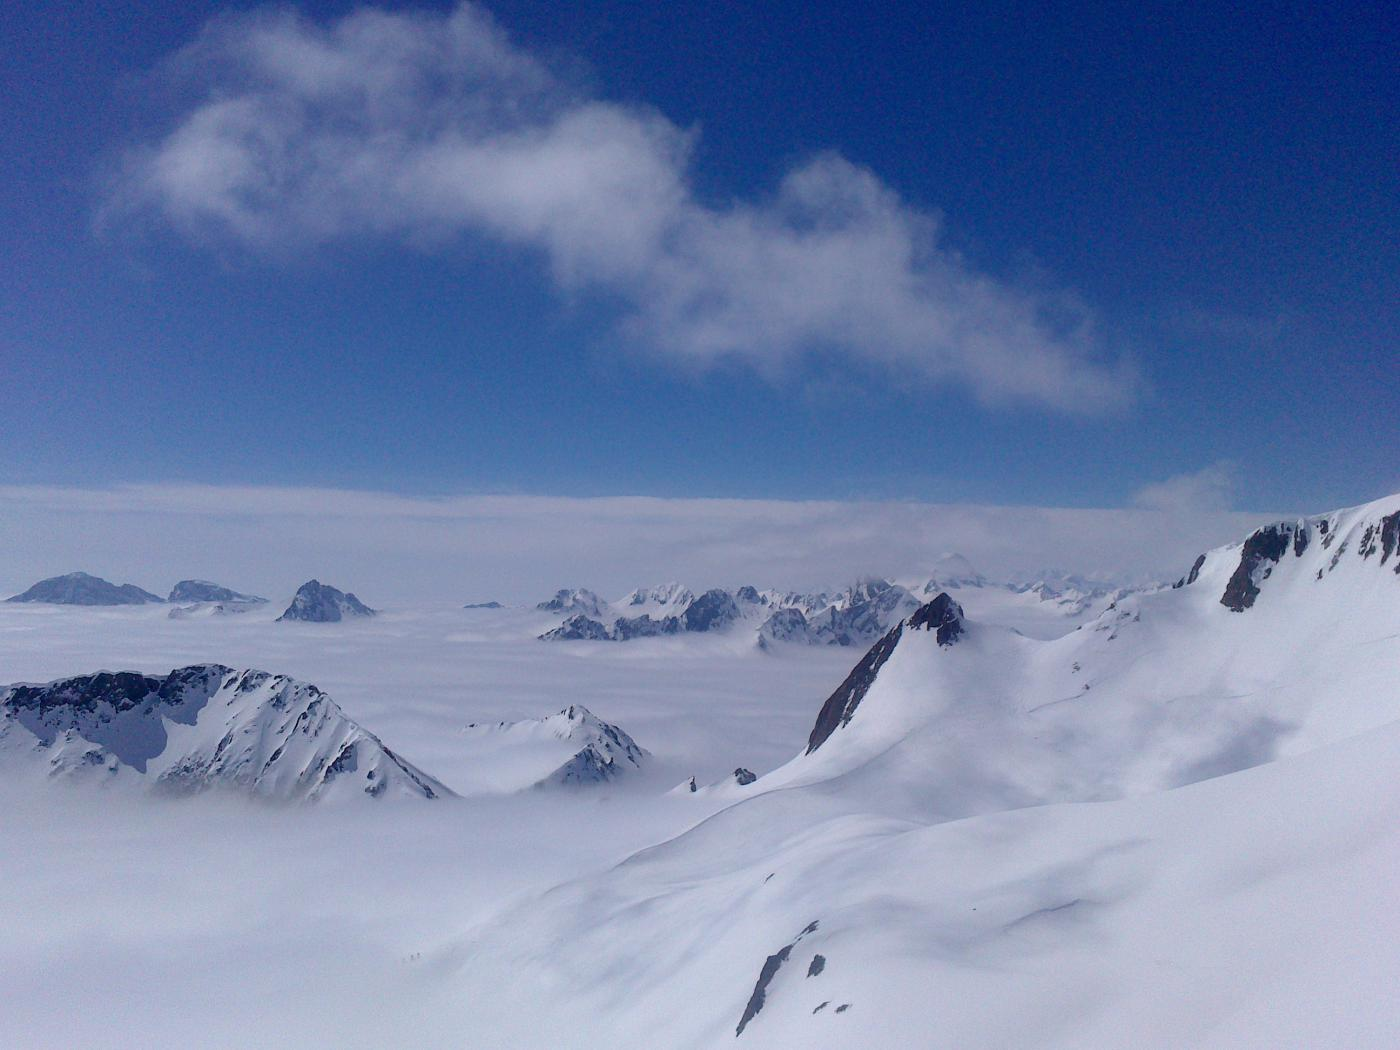 Montagne come isole in un mare di nuvole